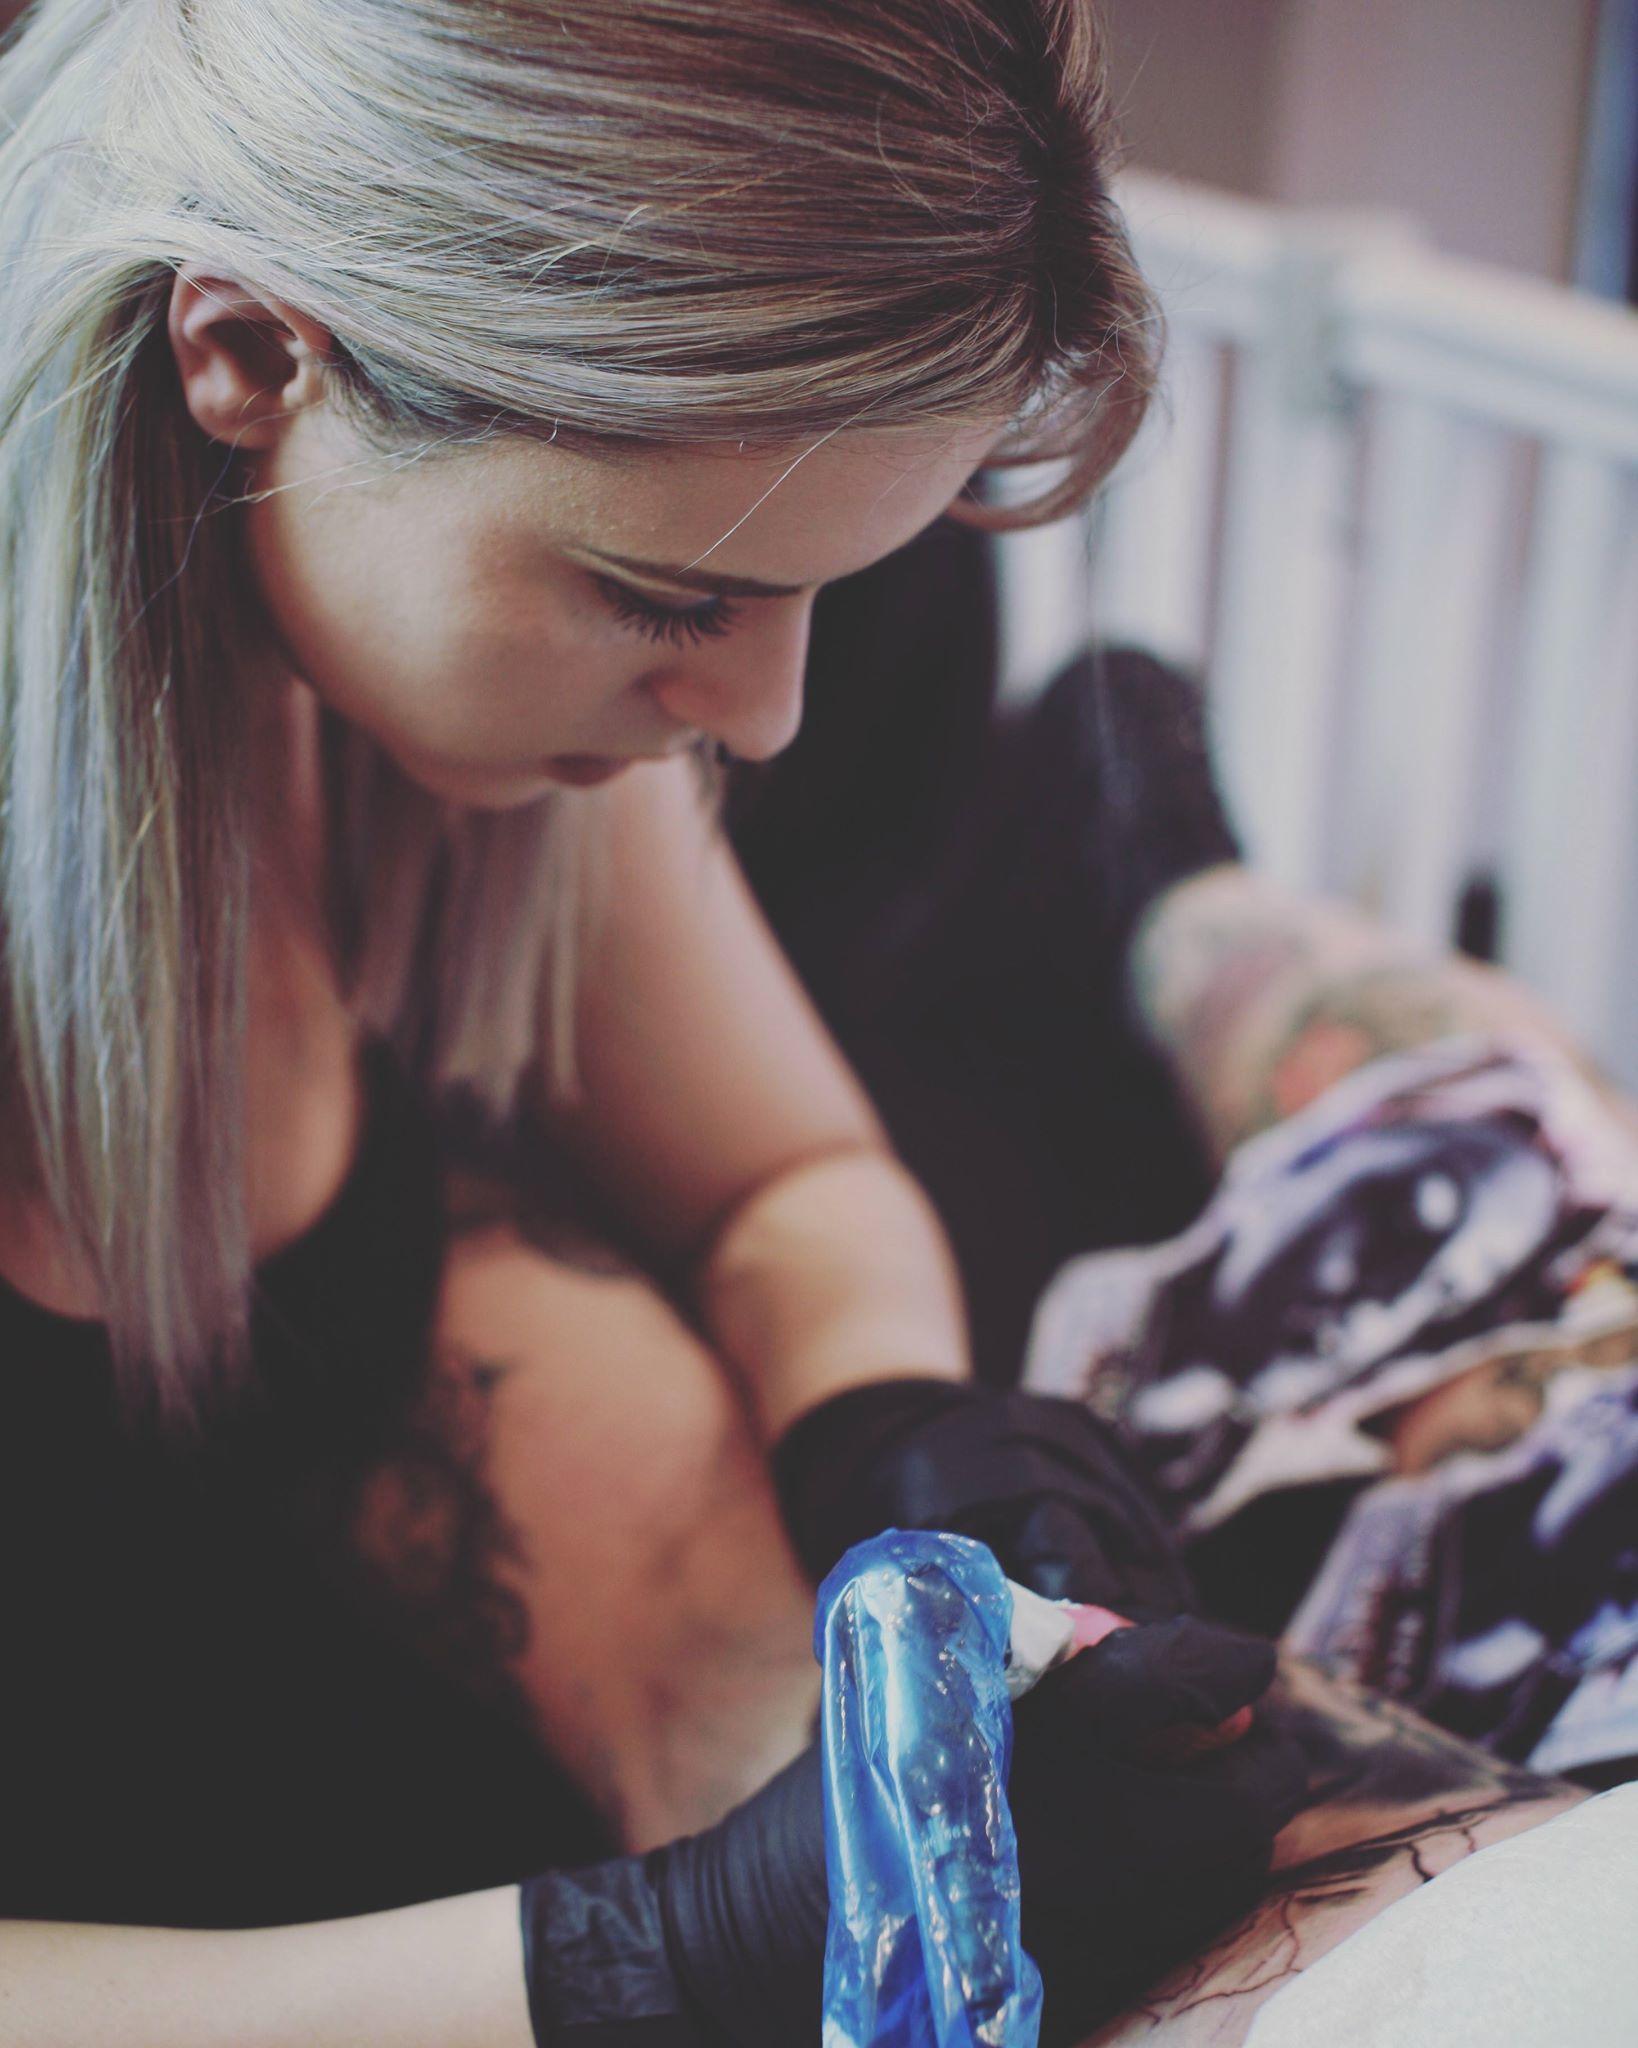 Már viszonylag fiatalon elkezdett foglalkoztatni a tetováltatás és testékszerek.